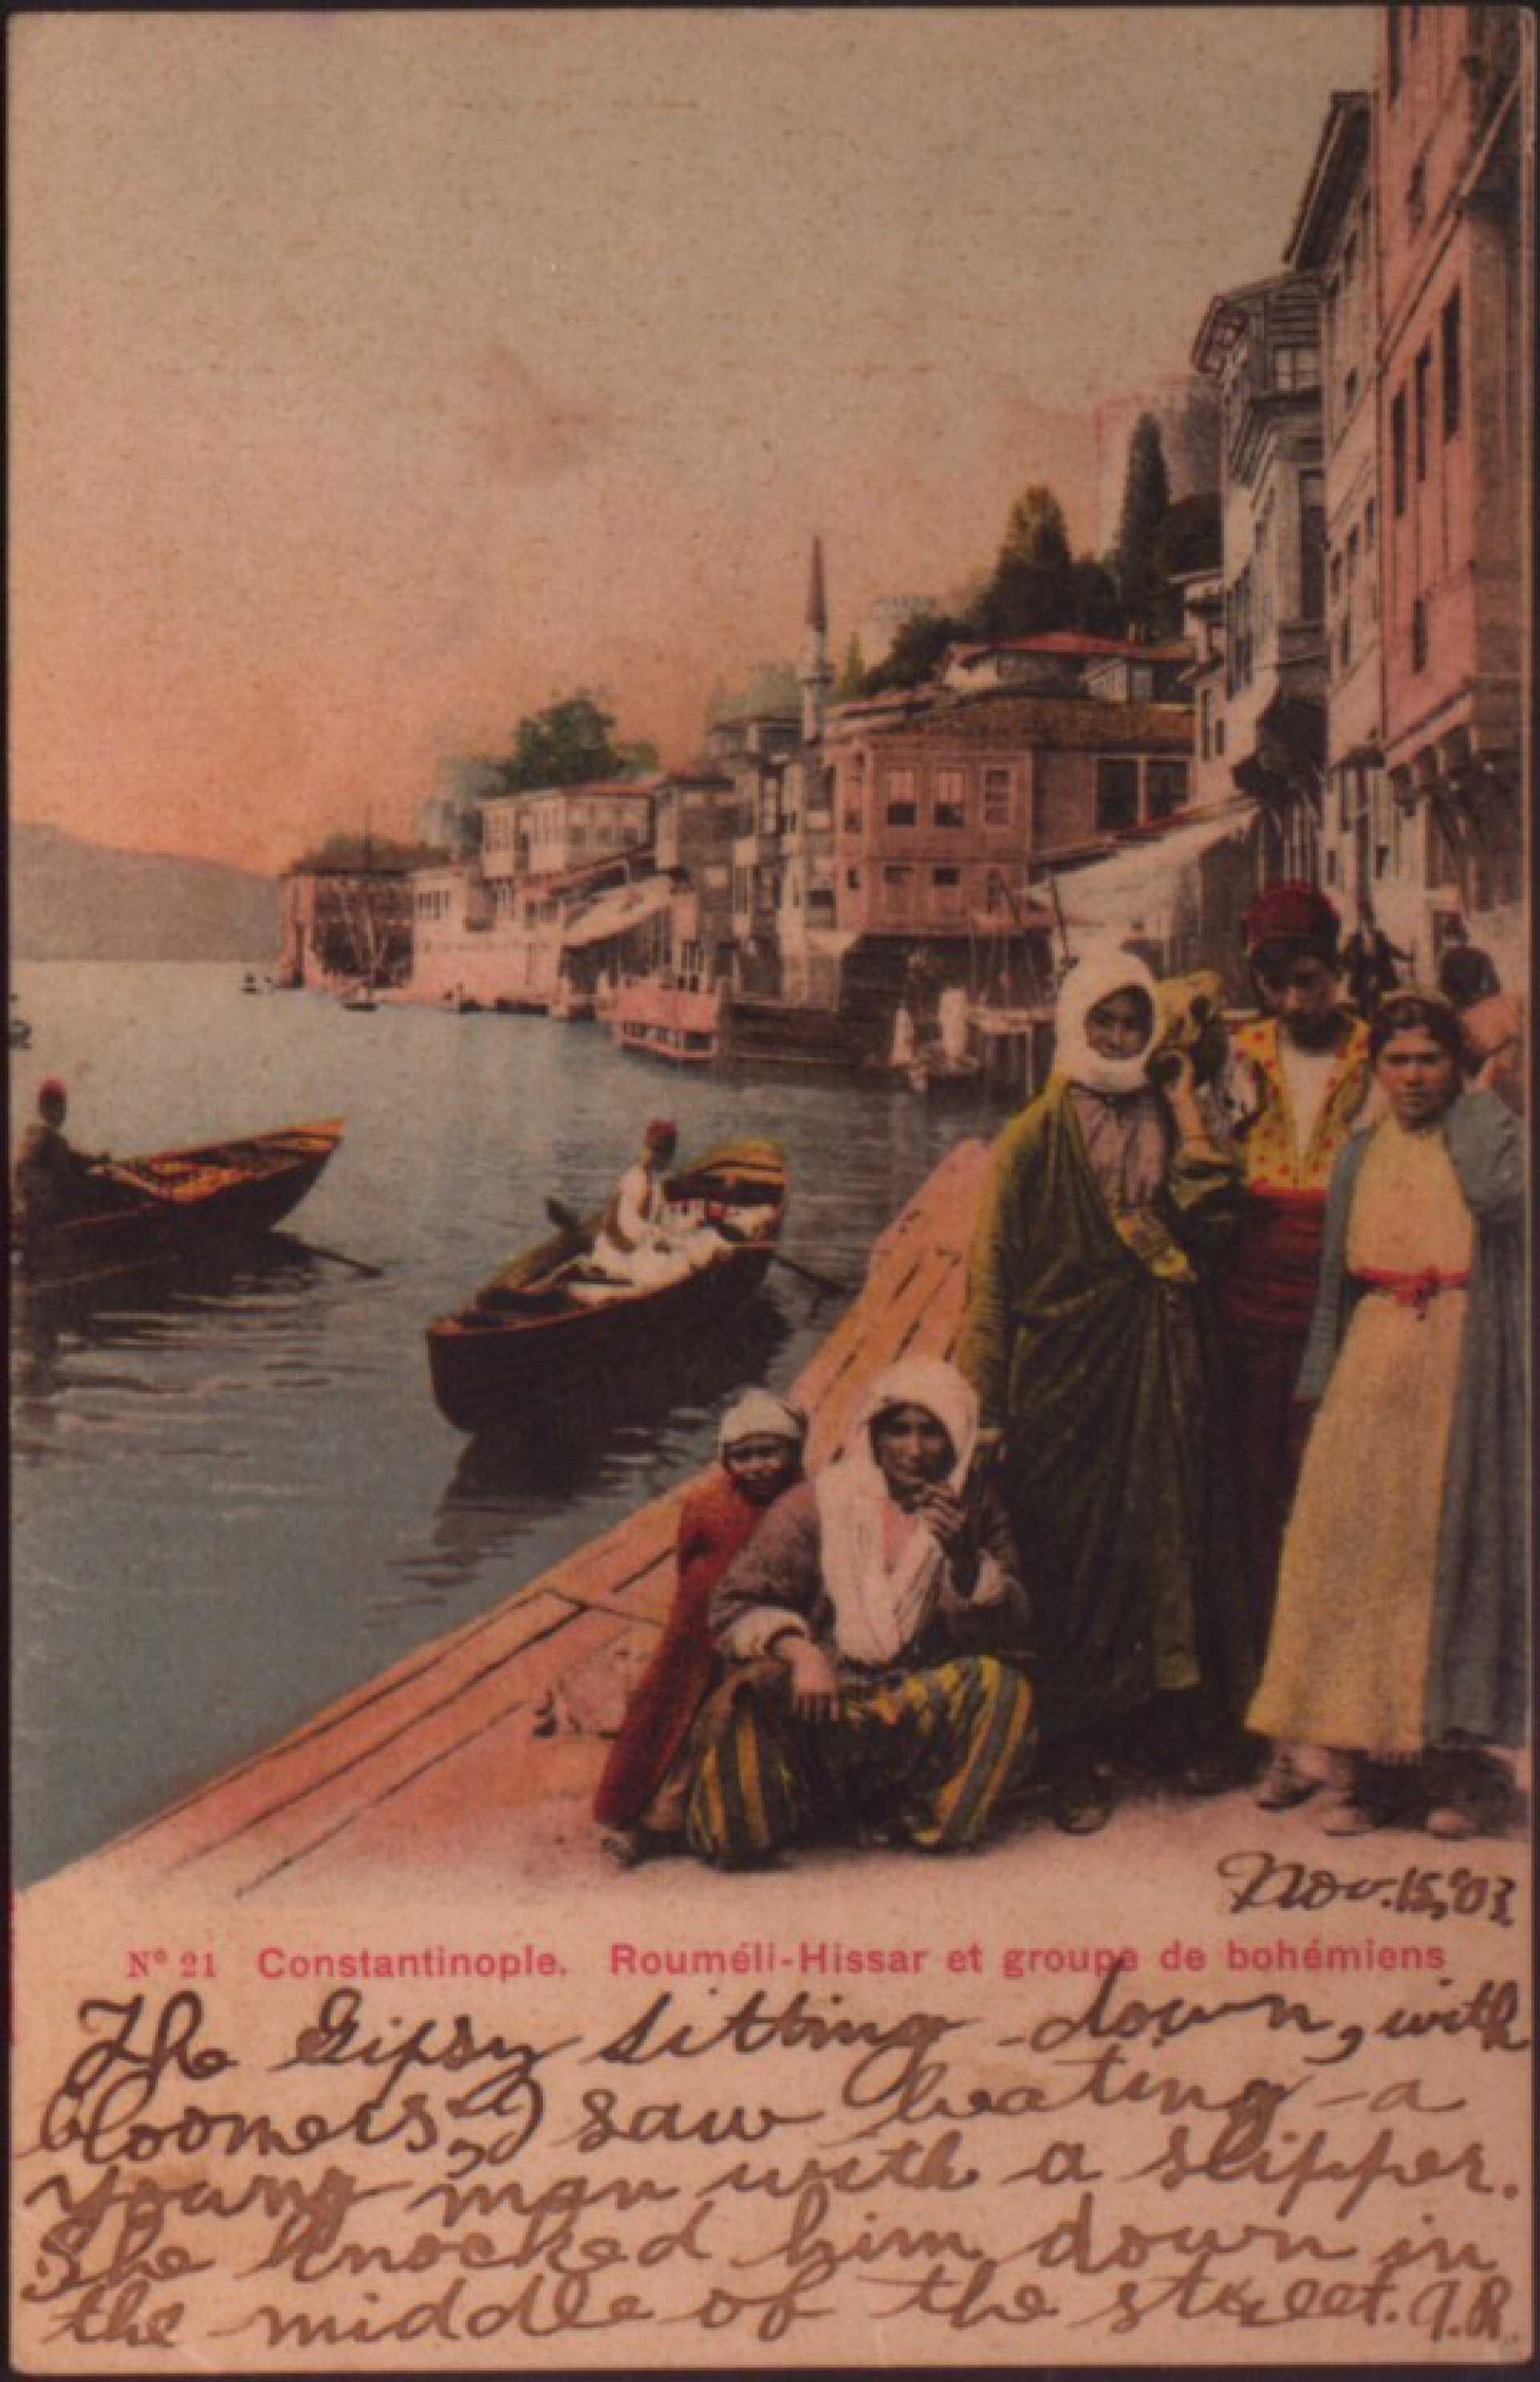 Roumeli-Hissar et groupe de bohemiens